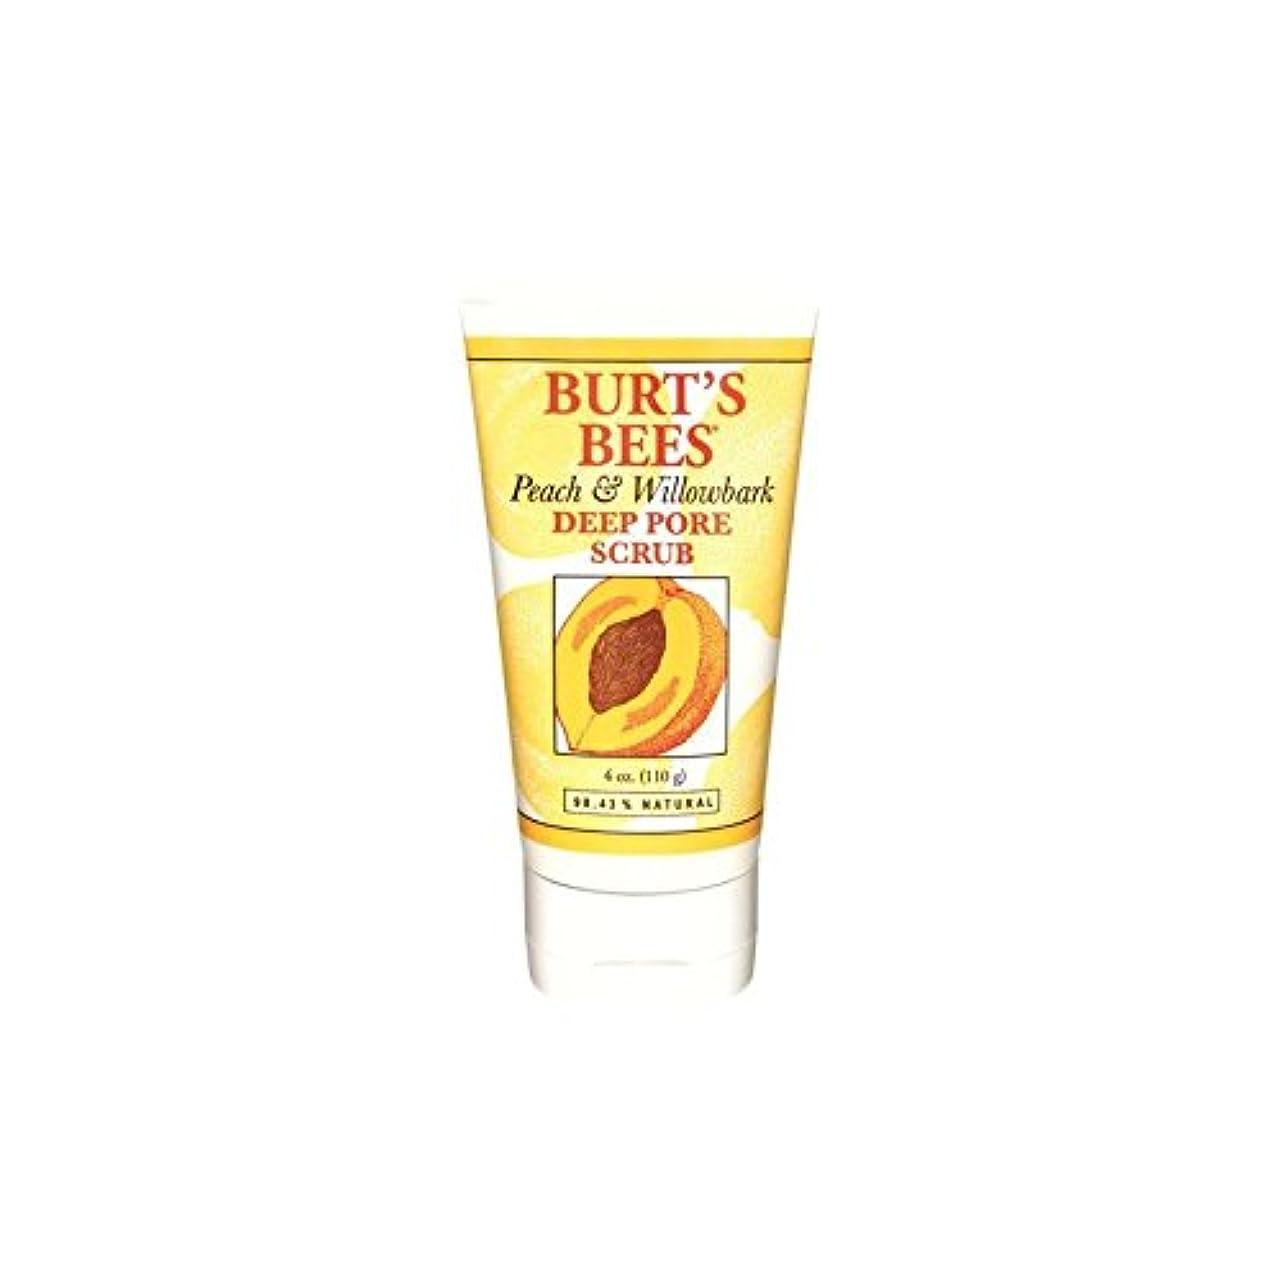 コート立法宝Burt's Bees Peach & Willowbark Deep Pore Scrub (4 Oz / 110G) - バーツビーの桃&深いポアスクラブ(4オンス/ 110グラム) [並行輸入品]